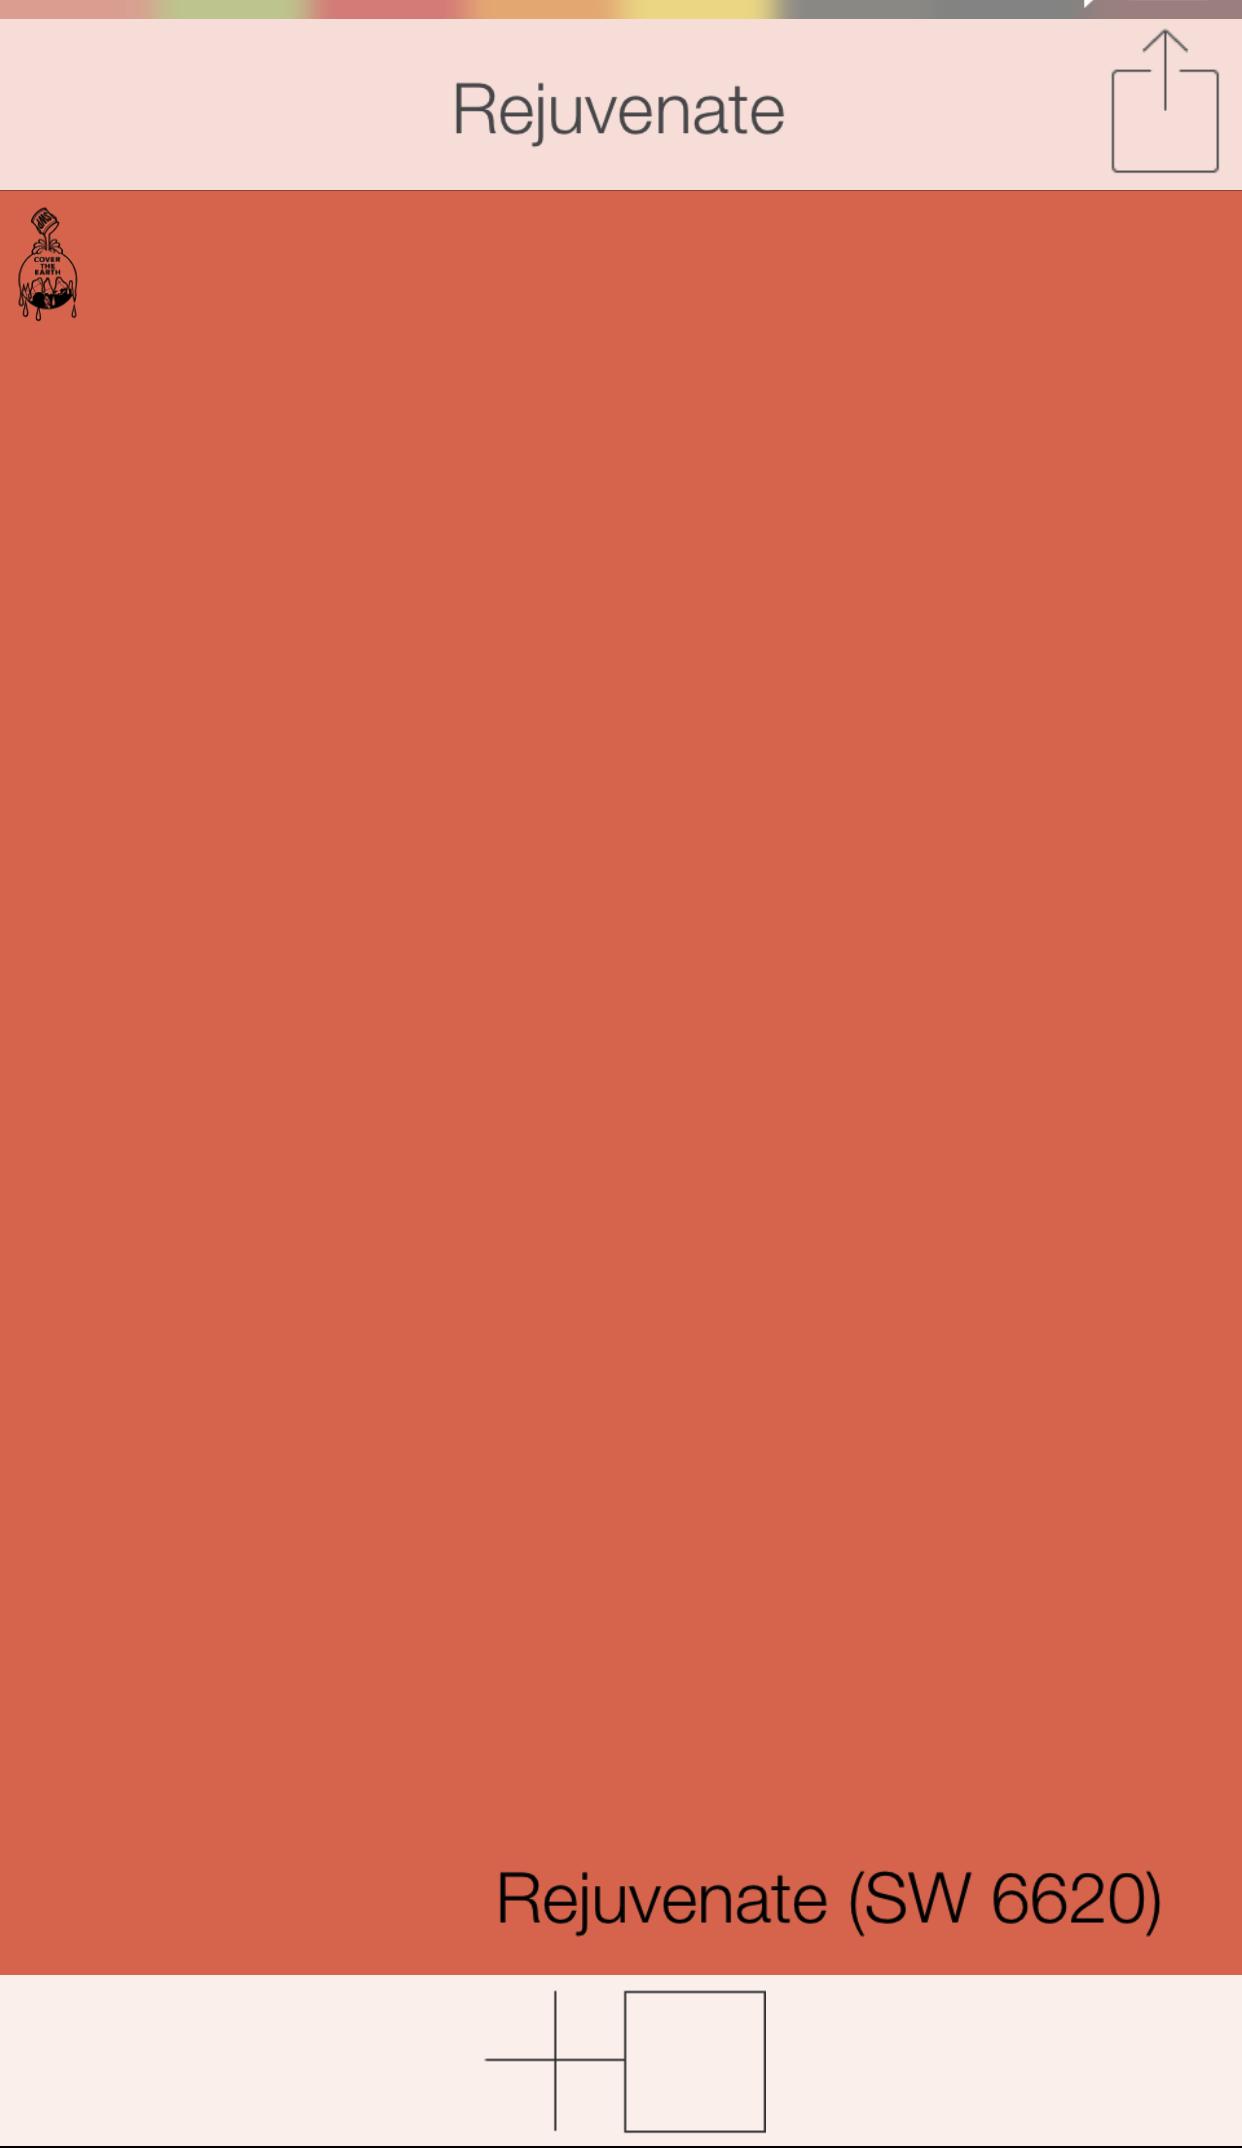 Front Door Colors   Rejuvenate SW 6620   Sherwin Williams Paints    SwatchDeck App  